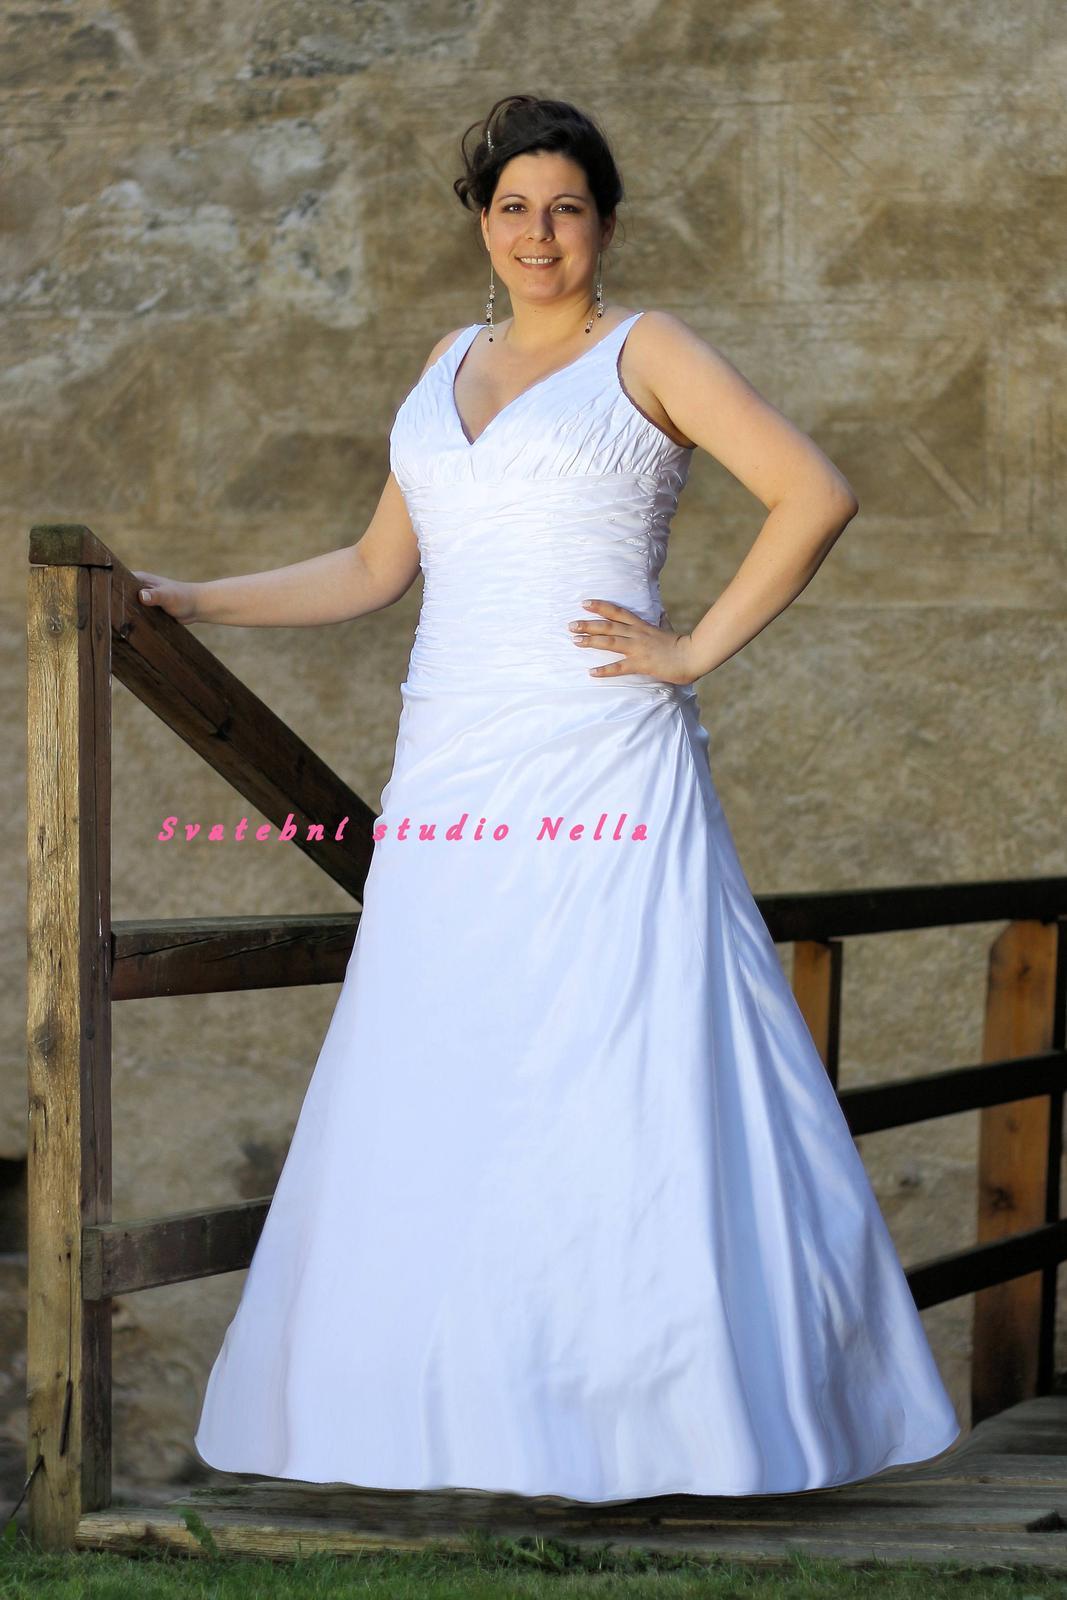 Svatební šaty pro plnoštíhlé n22 c6edcf9c77